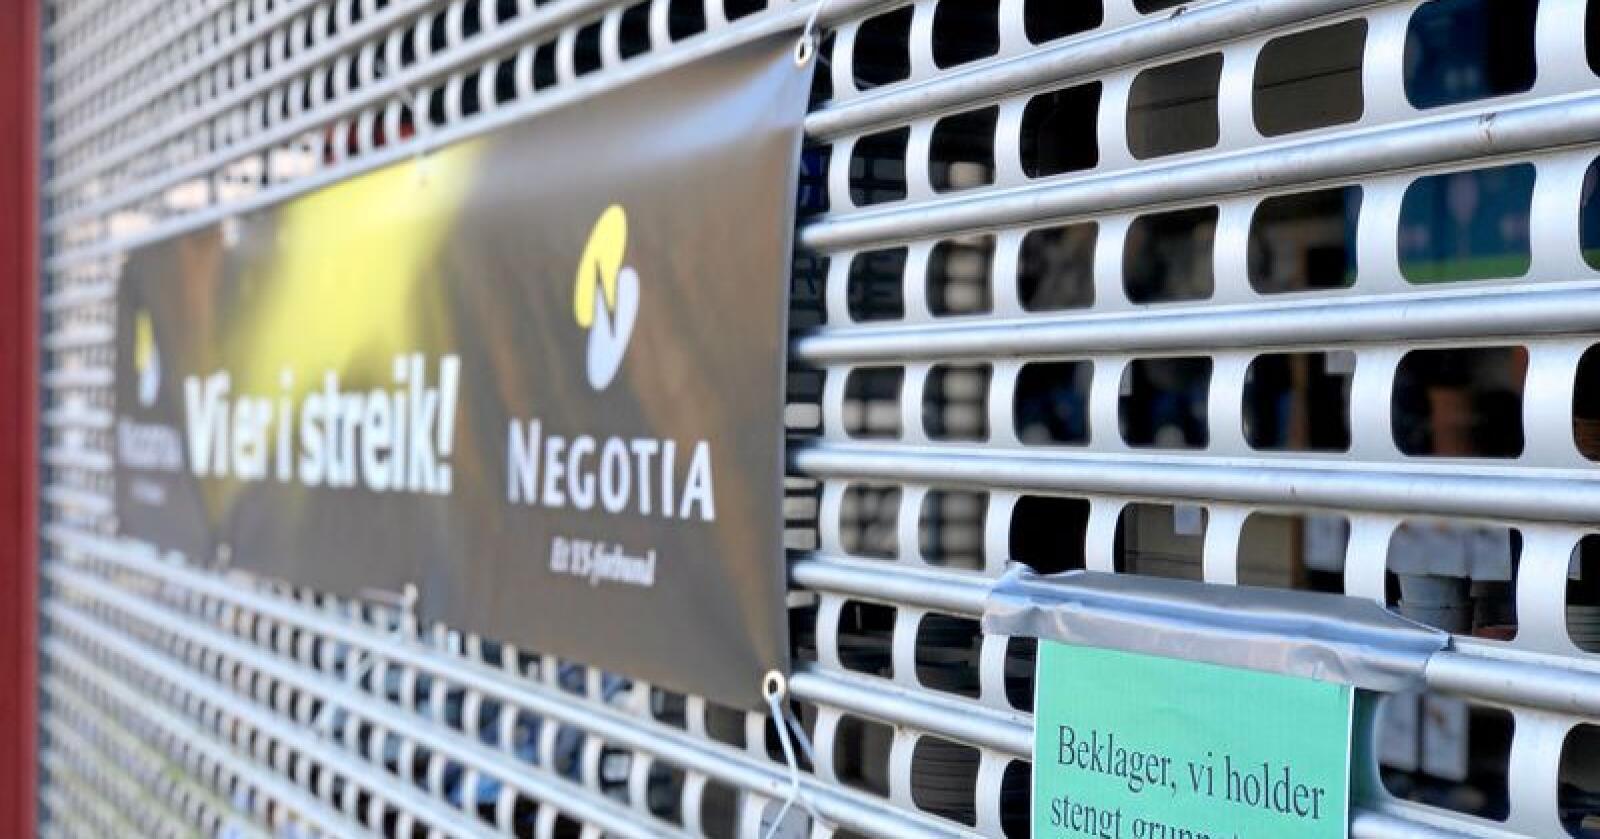 Negotia, forbundet til de ansatte i Felleskjøpet, hevder Felleskjøpet lyver om hvem som sendte tilbudet til løsning på konflikten mellom partene. Foto: Line Omland Eilevstjønn